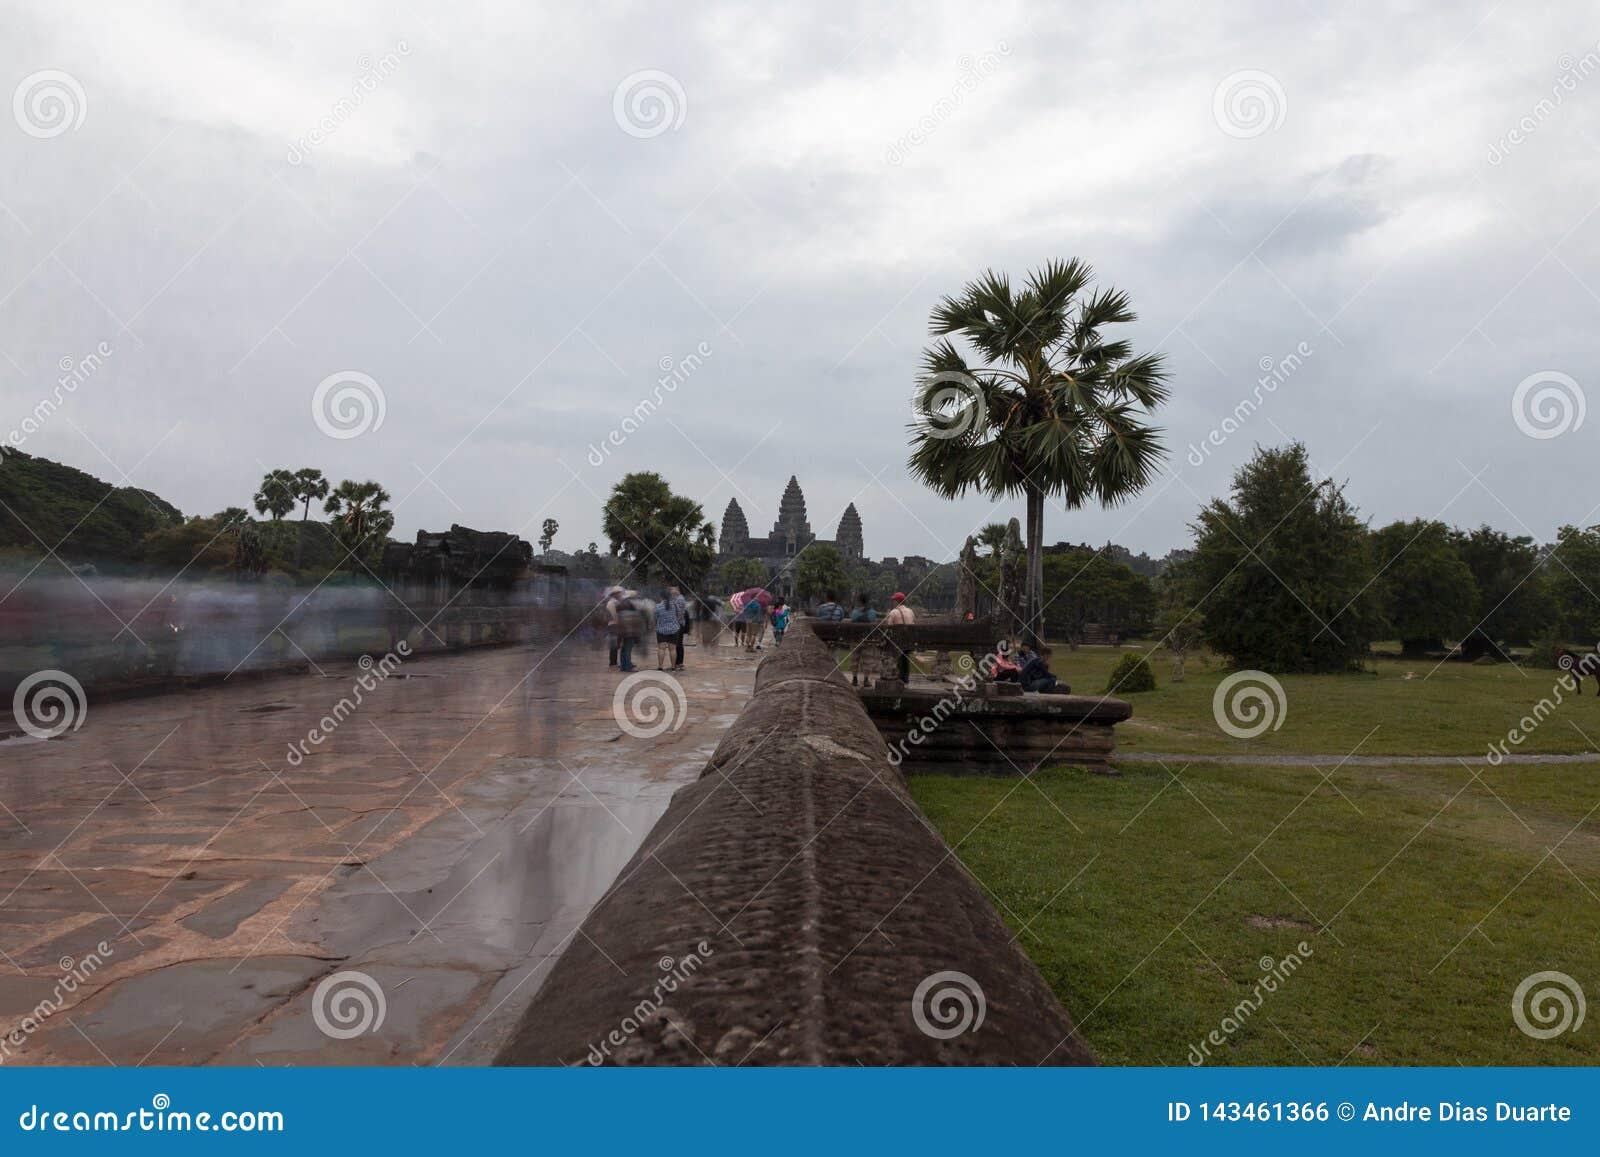 Entrada del templo de Angkor Wat